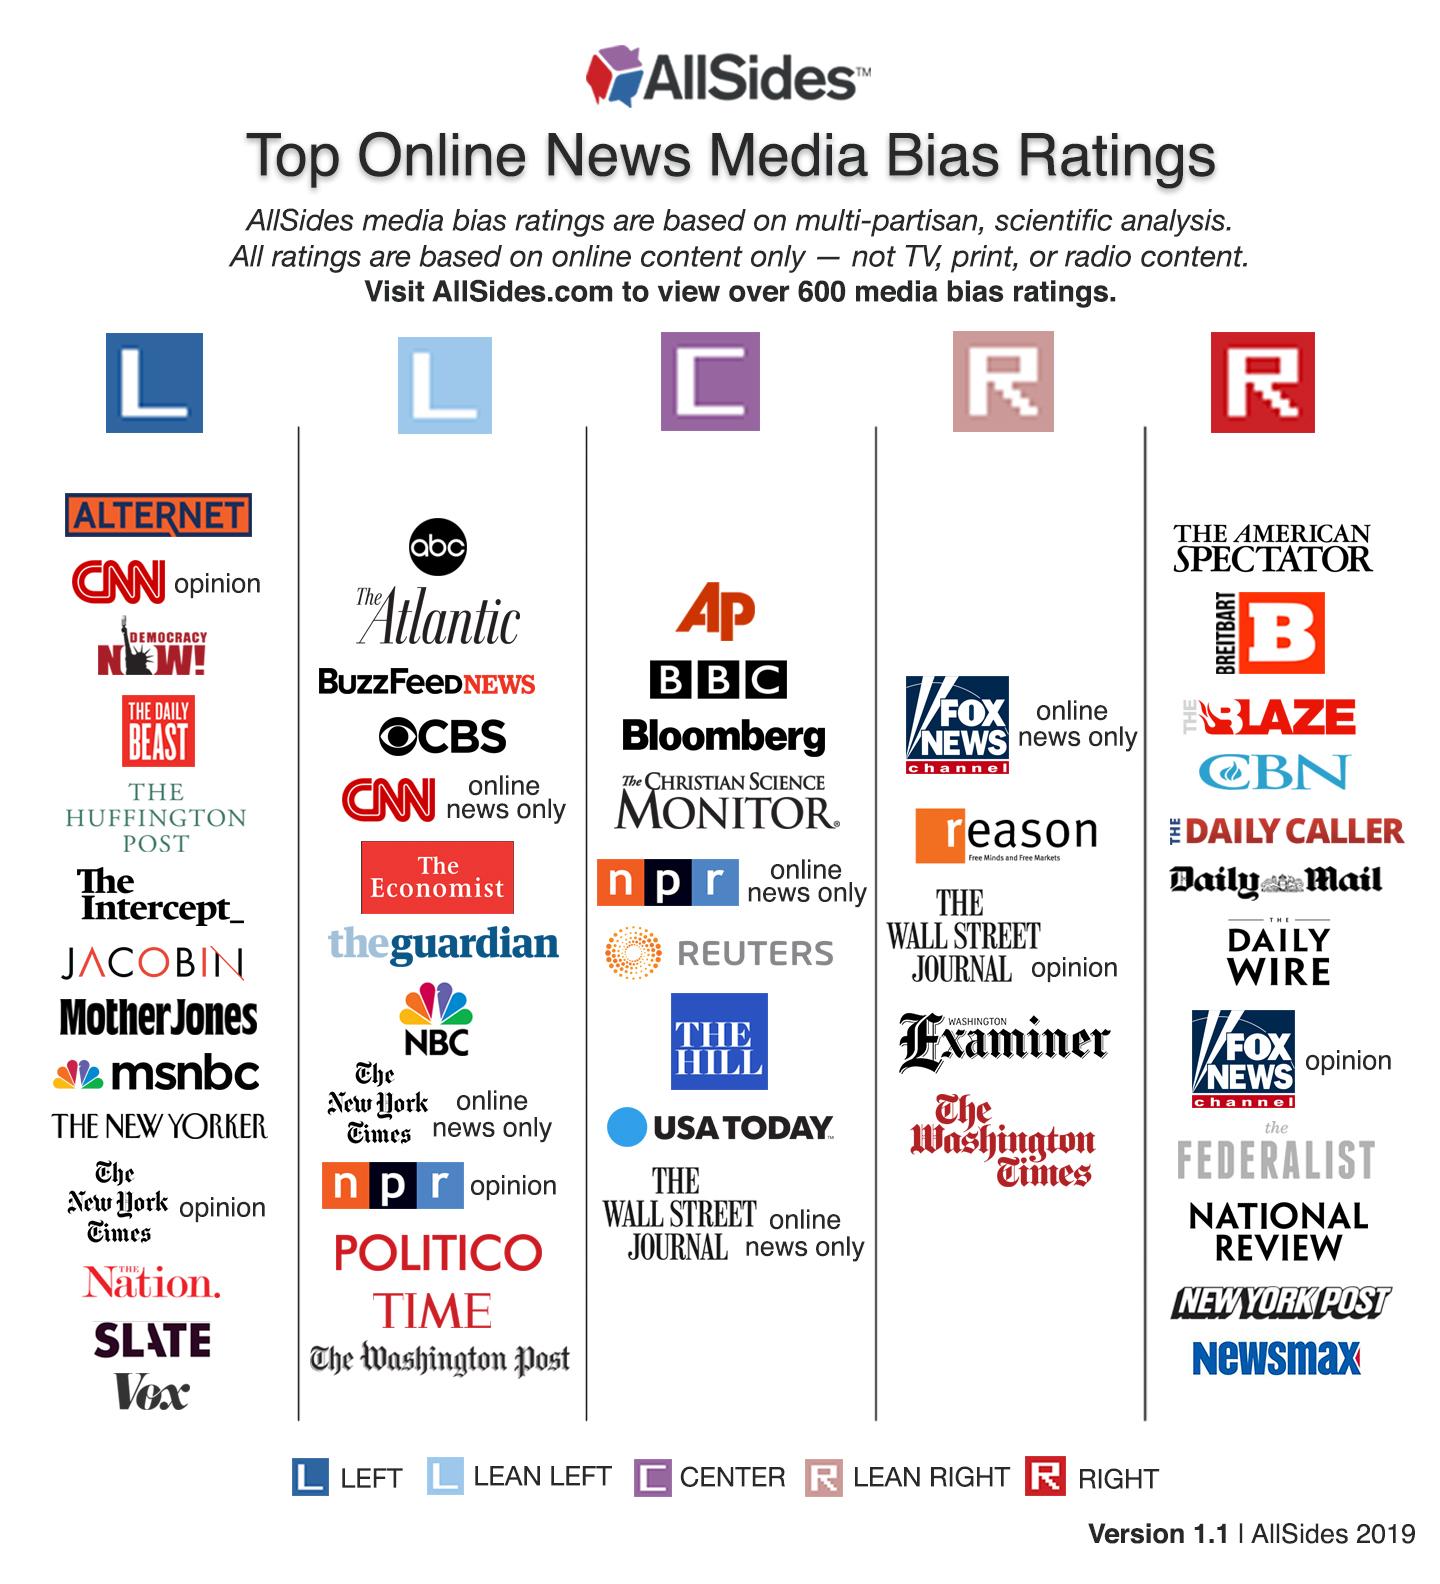 hight resolution of allsides media bias chart 2019